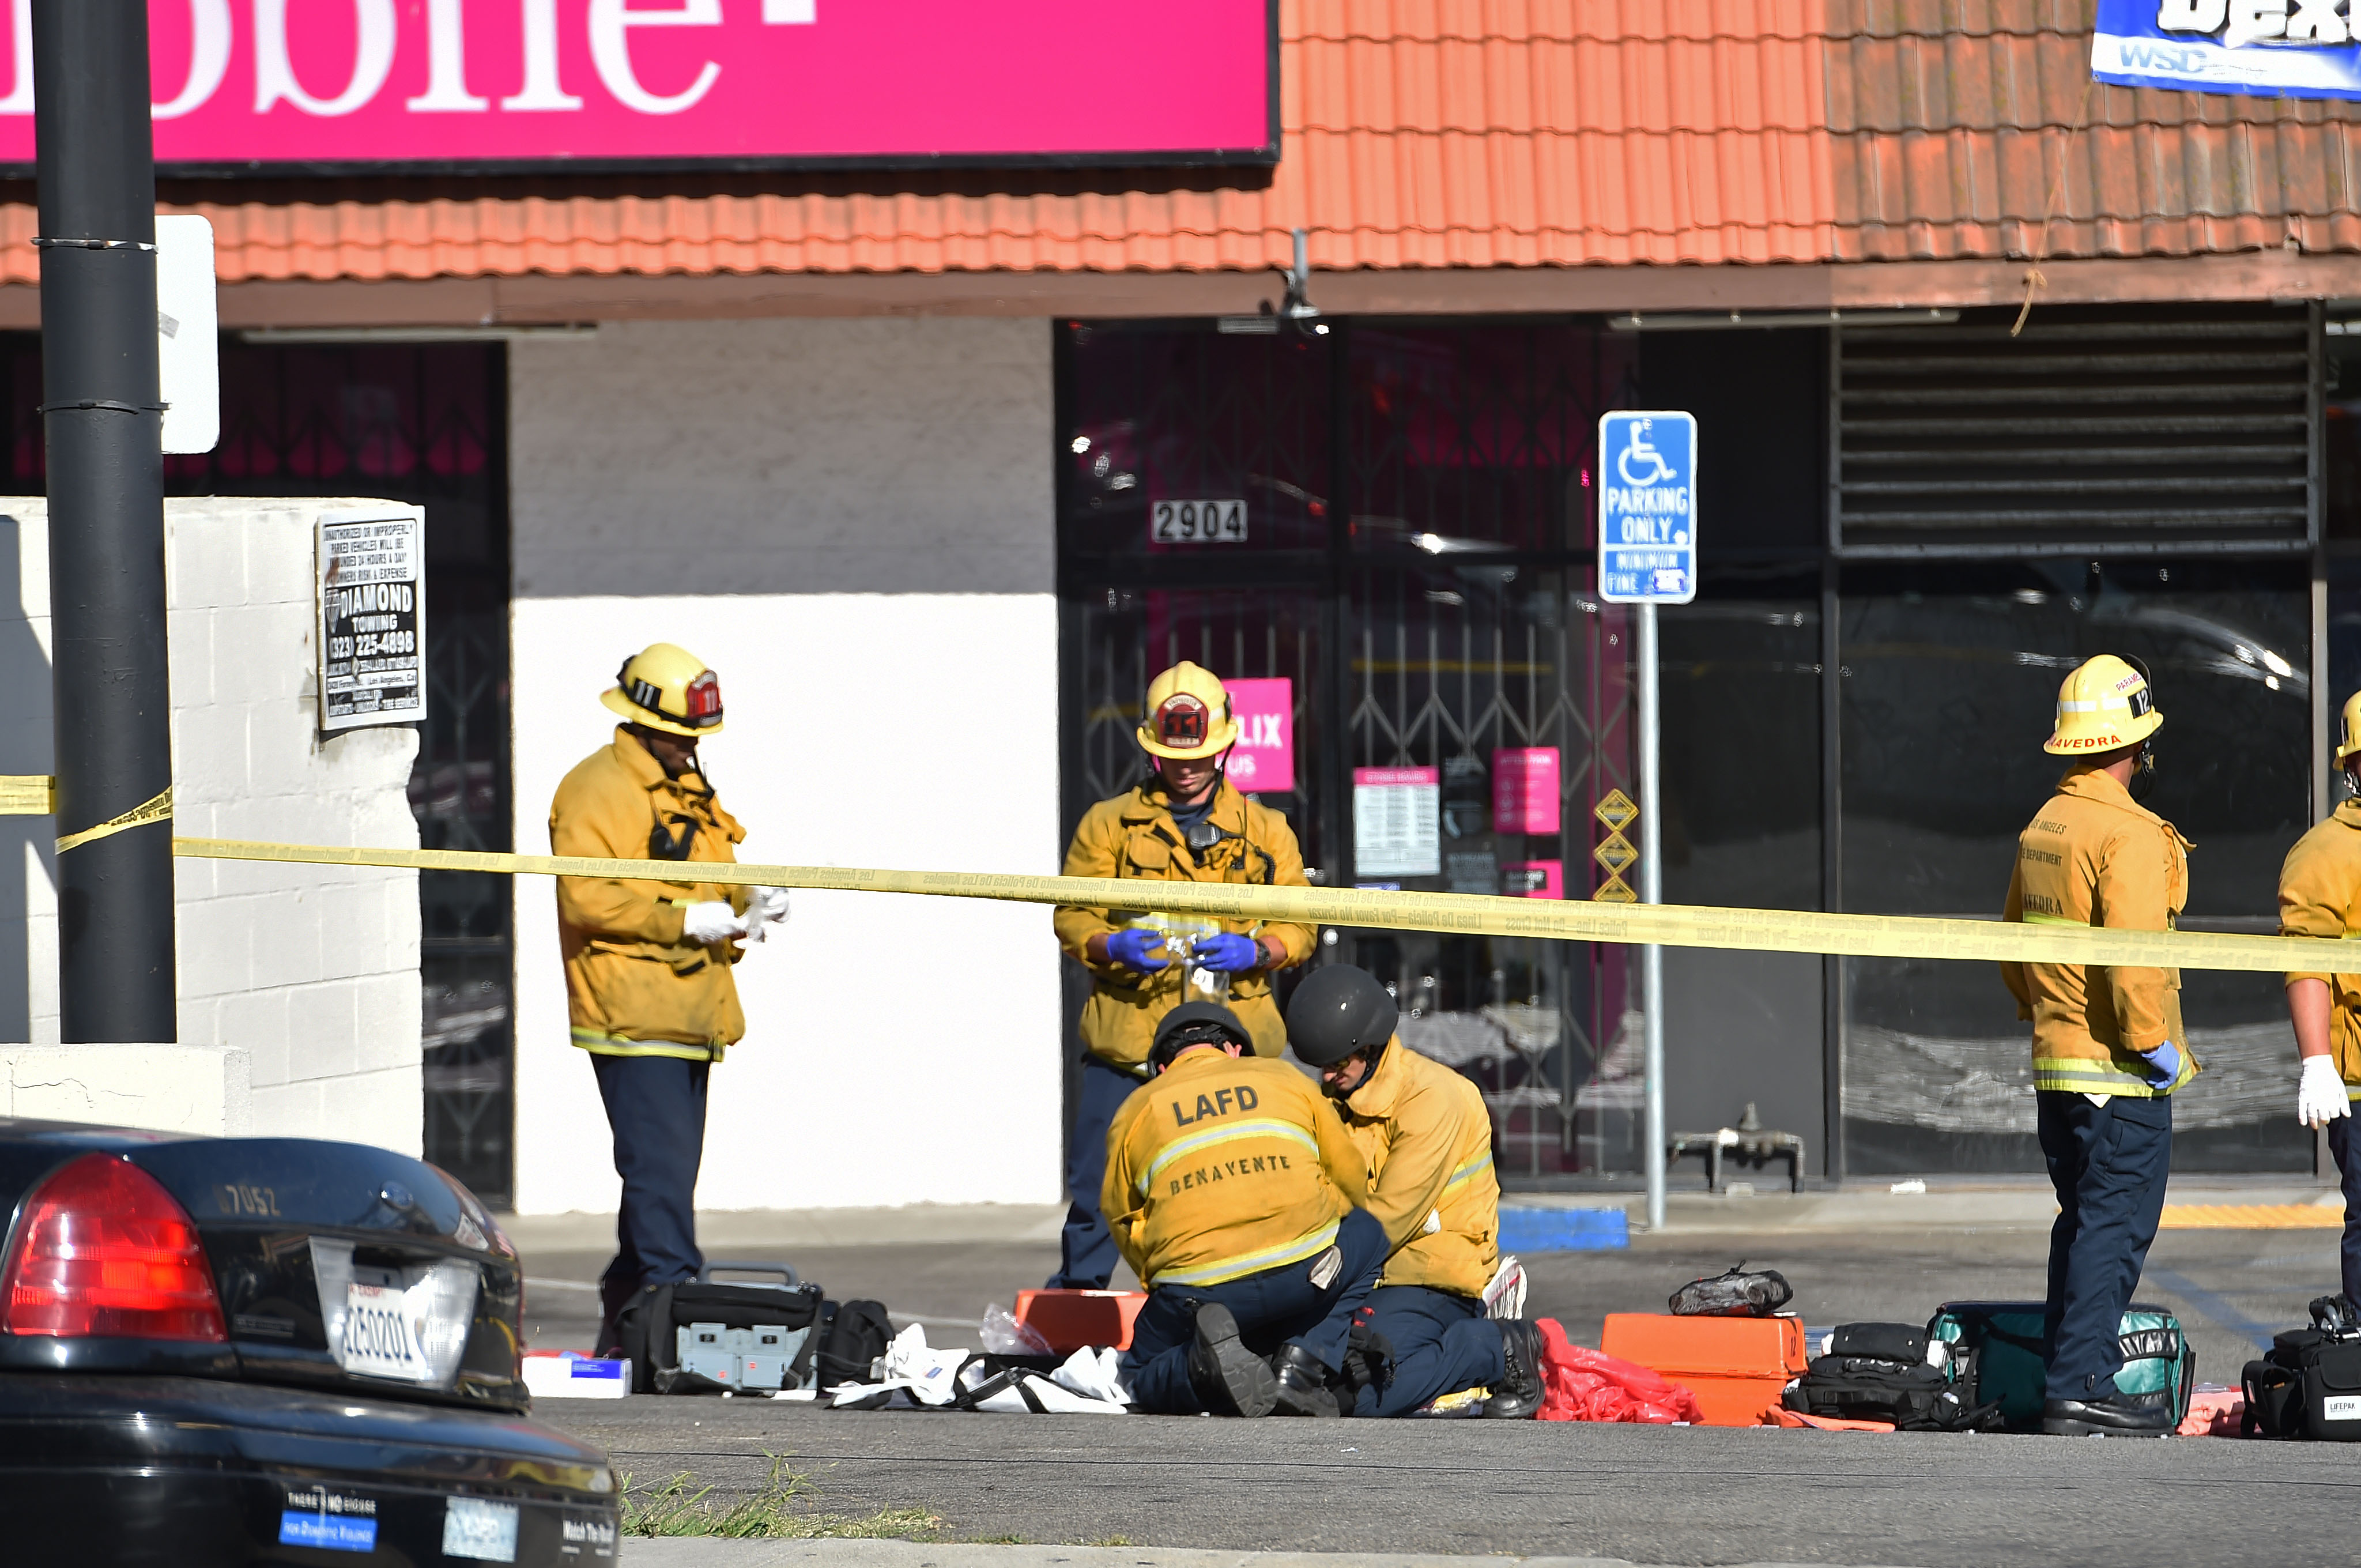 رجال الحماية المدنية بمحيط المتجر